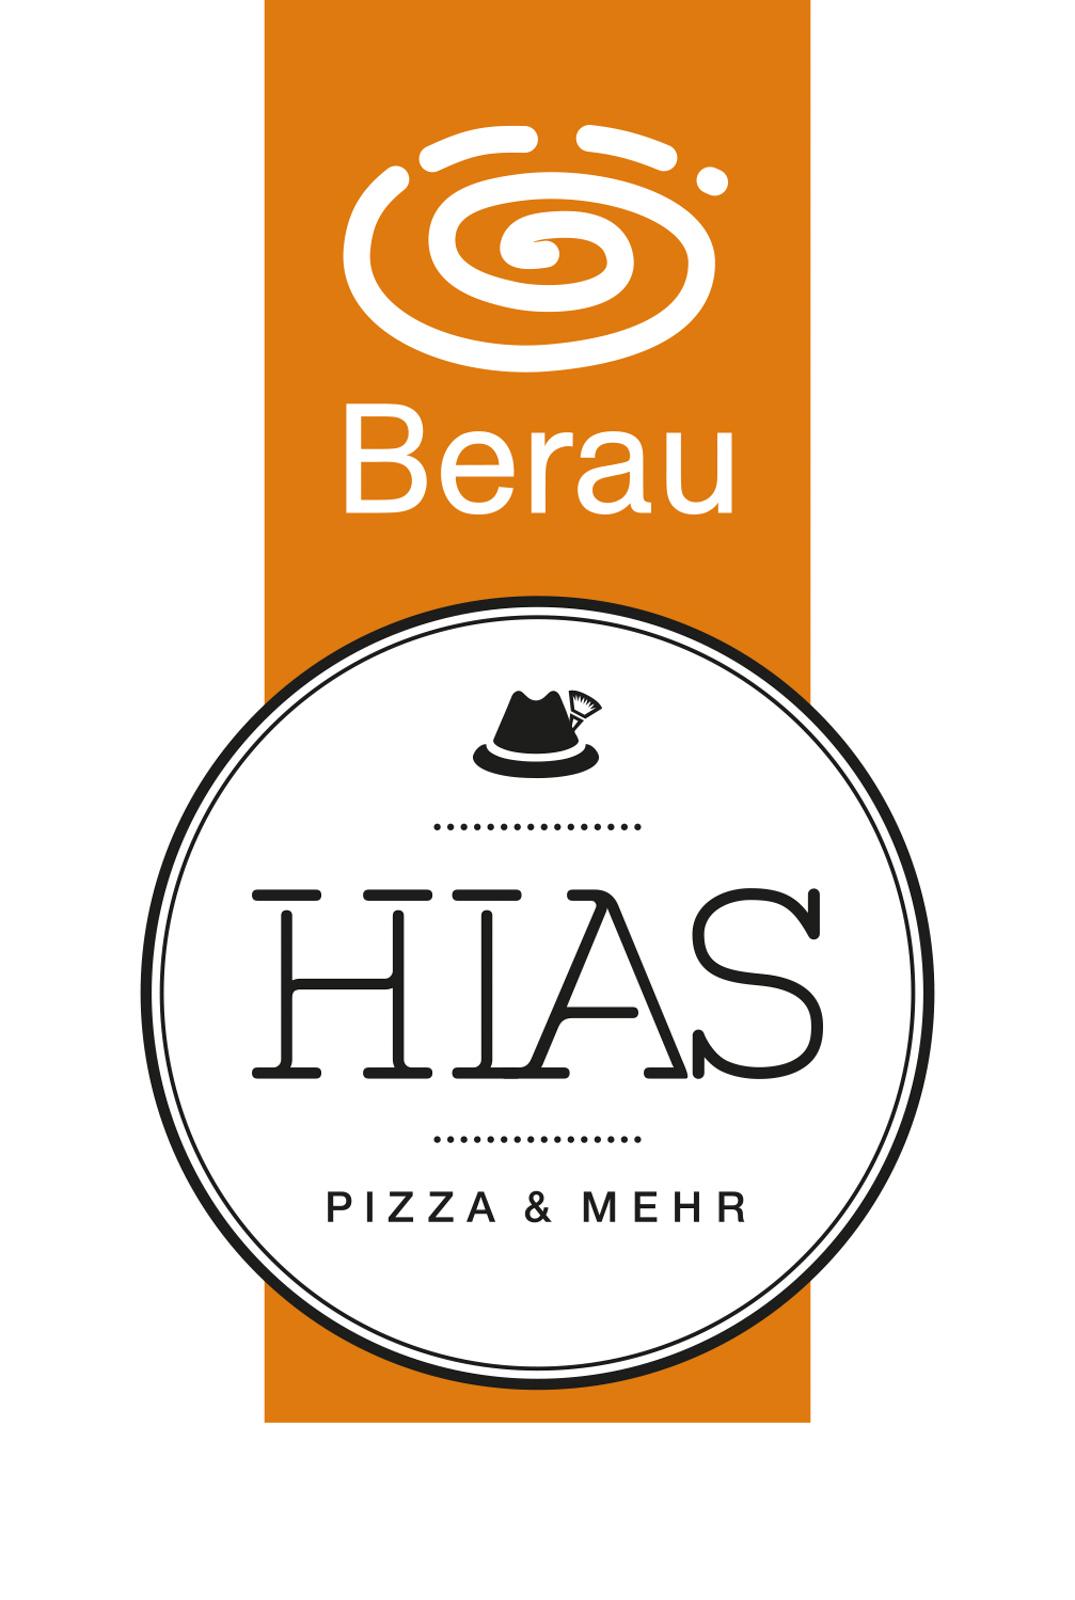 002 Logos Berau 2.jpg